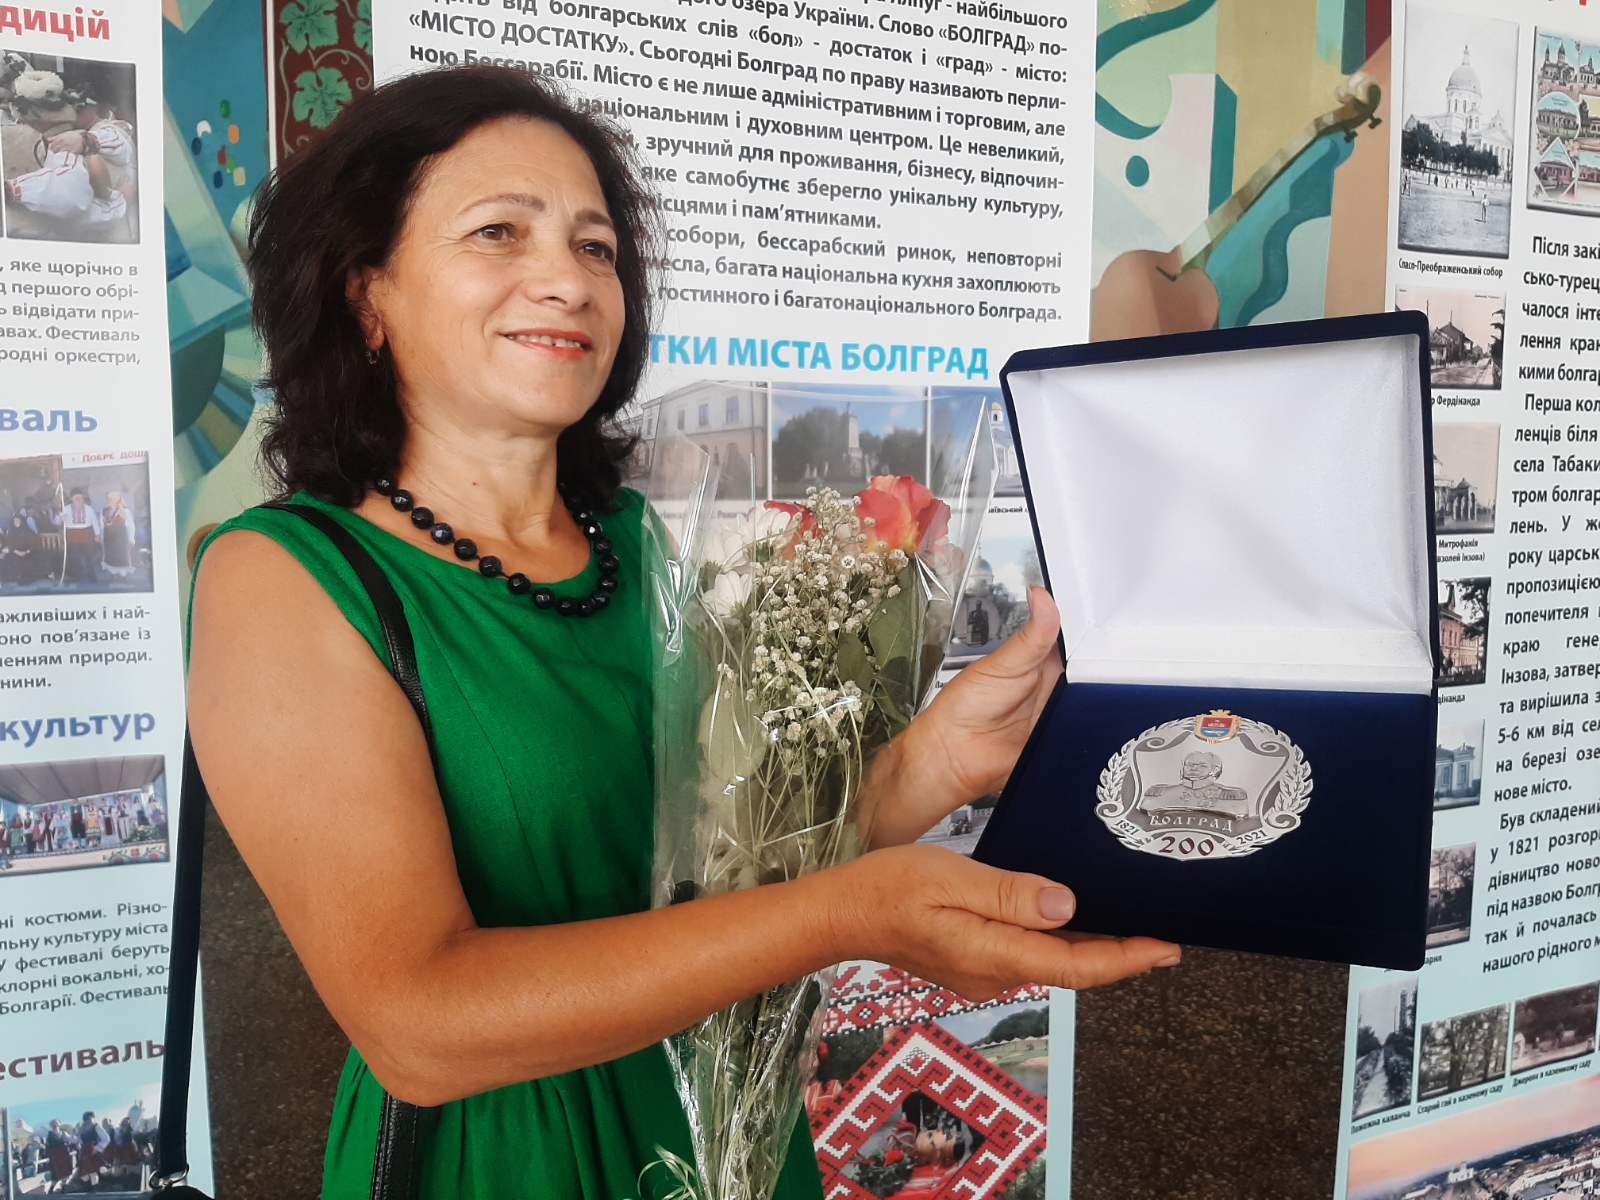 Во время празднования двухсотлетия Болграда местный хор представил гимн города